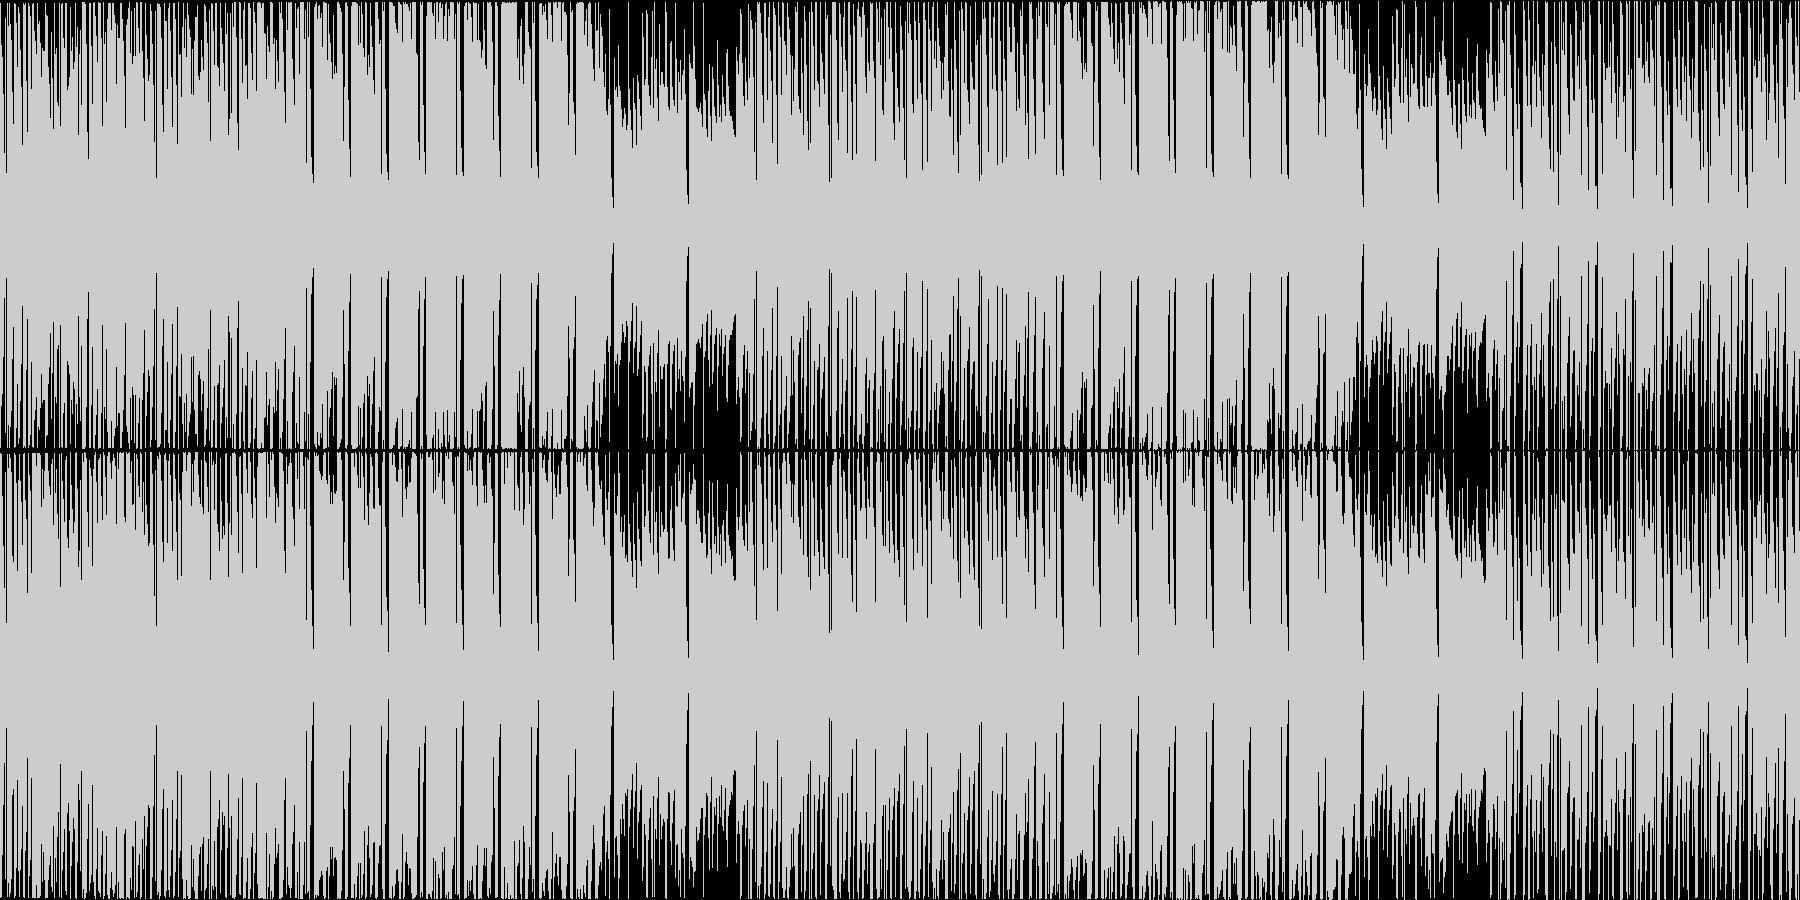 気だるい雰囲気のヒップホップループの未再生の波形